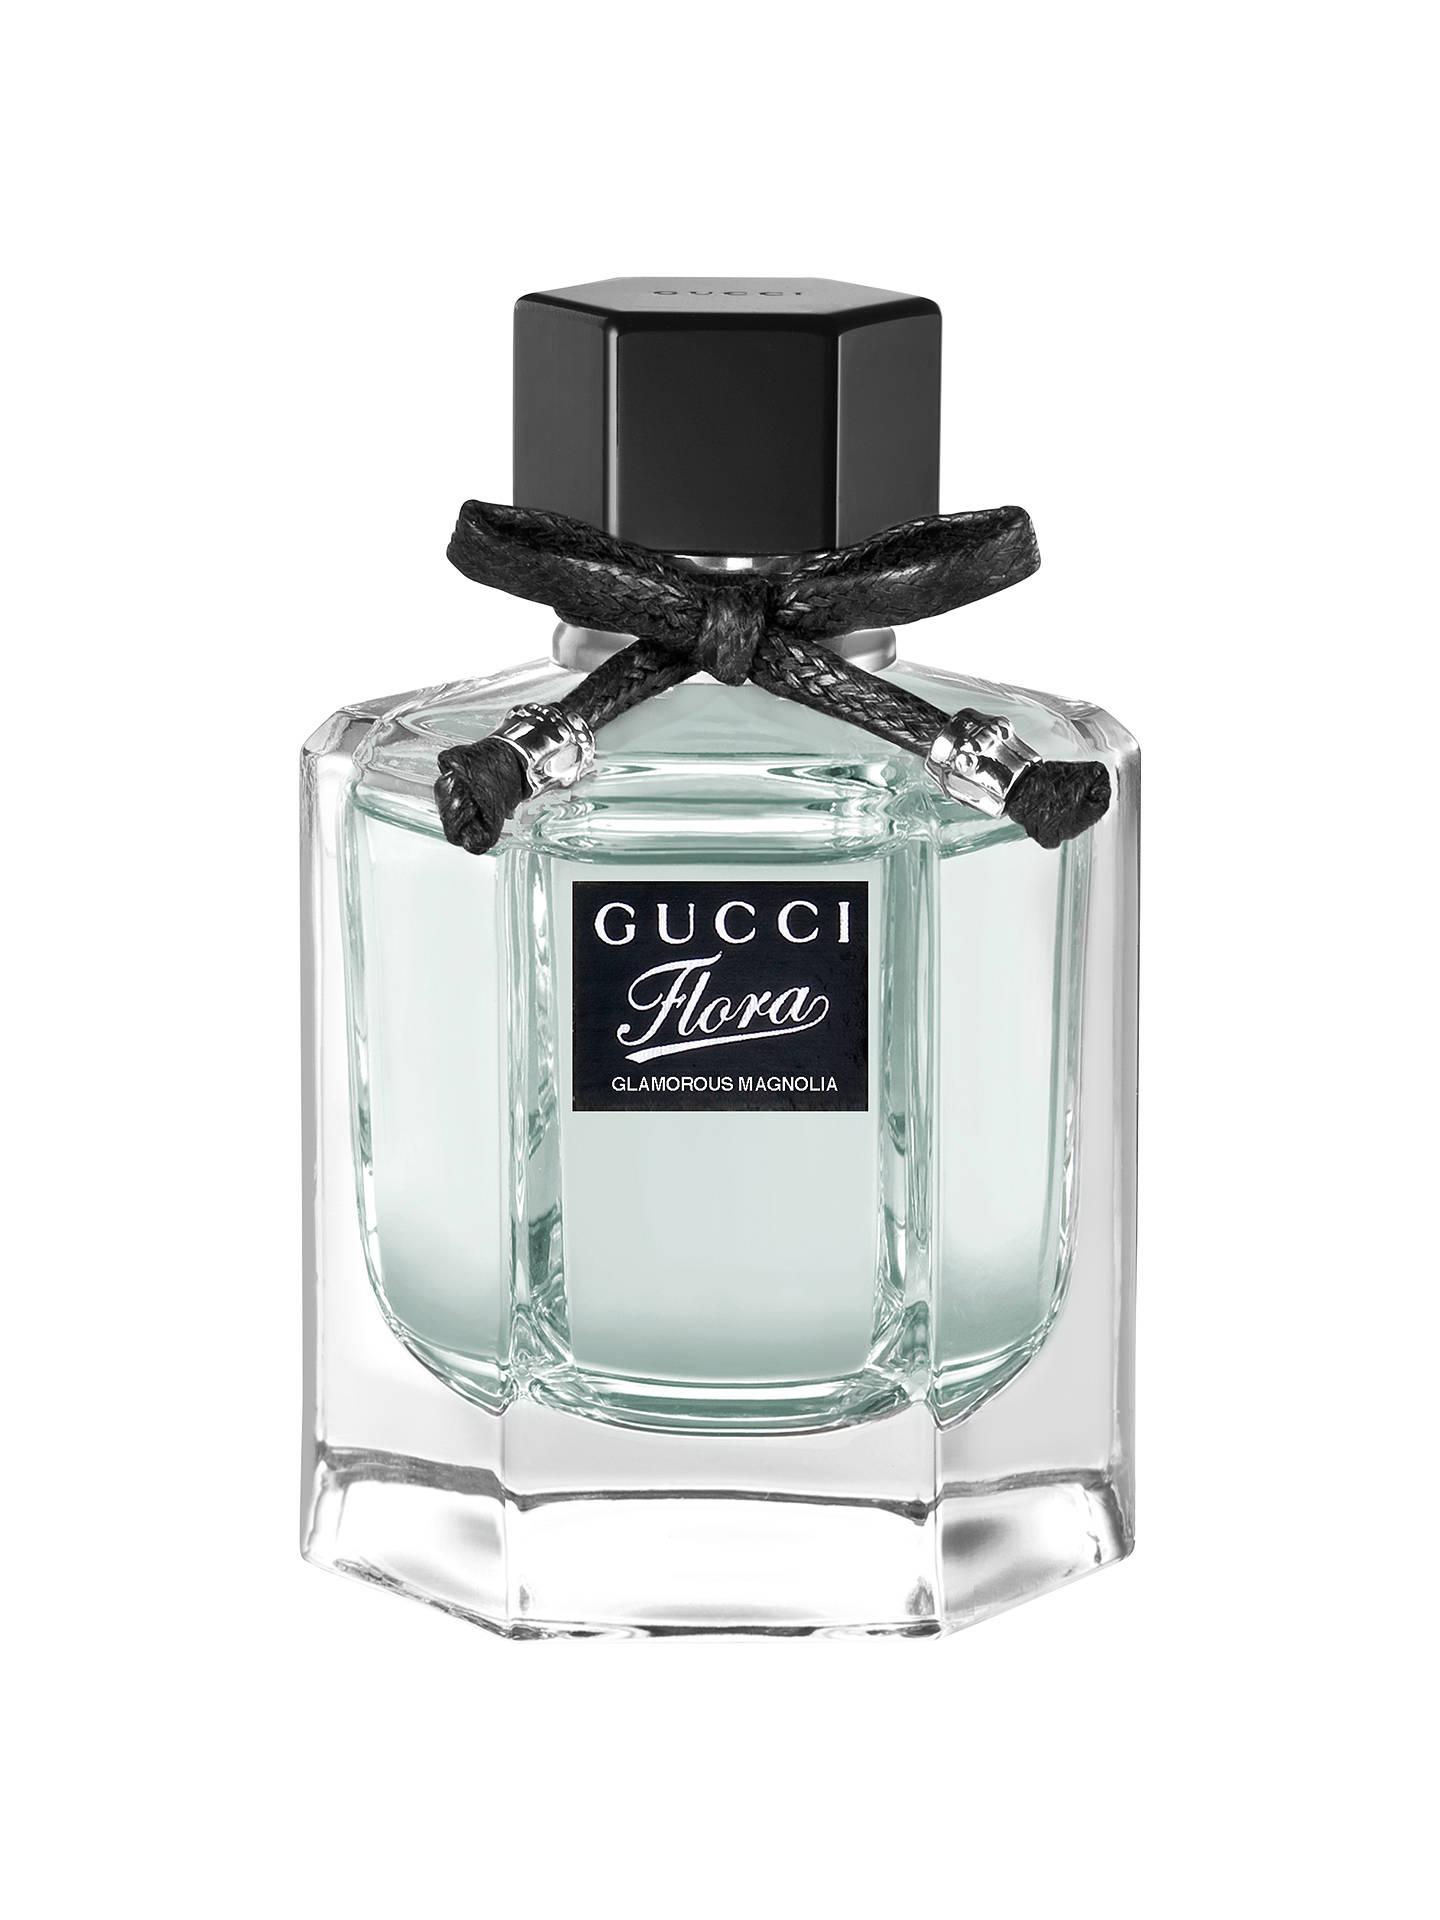 4208a3e5518 Buy Gucci Flora Glamourous Magnolia Eau de Toilette for Her